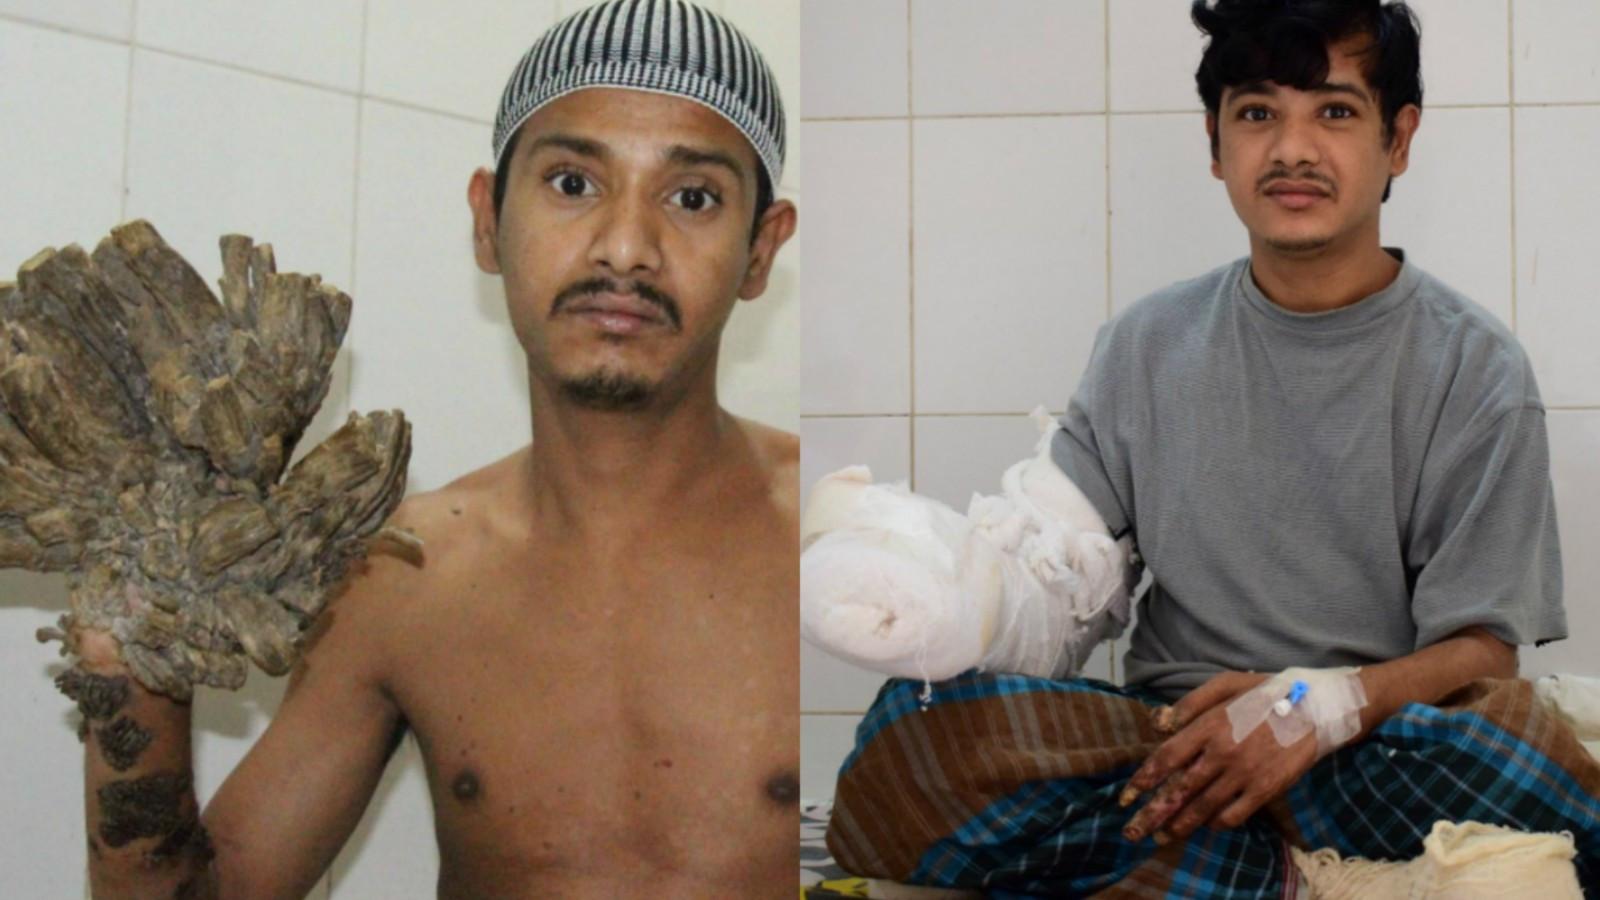 Abul Bajandar, el famoso 'hombre-árbol' de Bangladesh, vivió con sus verrugas en los dedos de sus manos, en las palmas y en los pies durante muchos años, antes de la primera cirugía para quitárselas, en febrero del 2016.